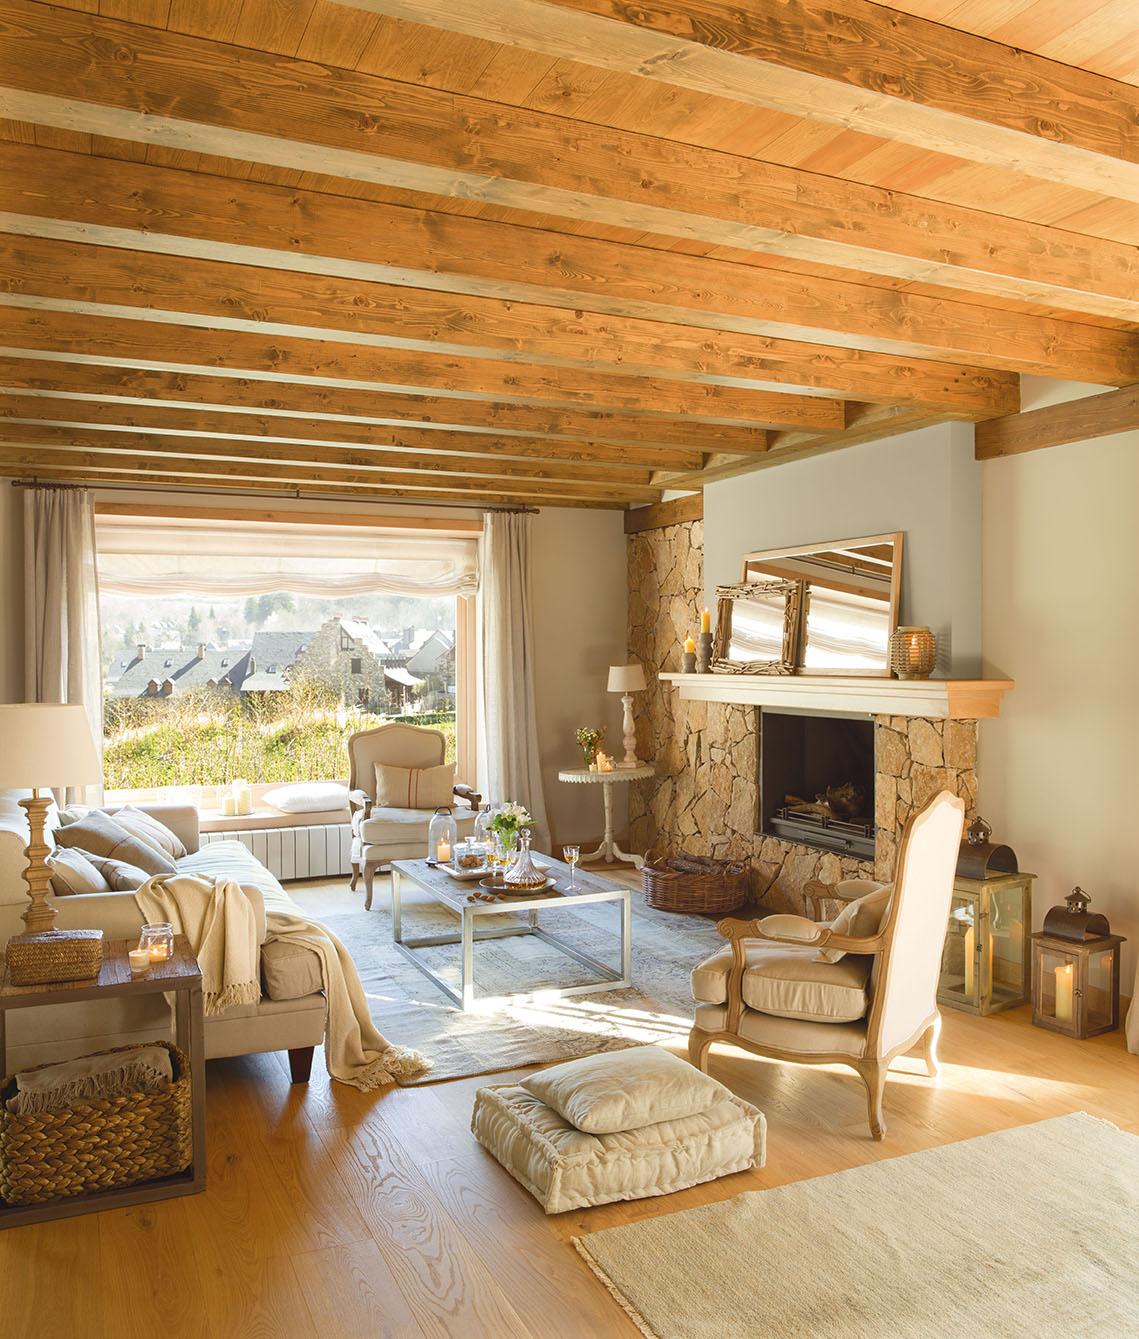 Una casa en los pirineos con techos abuhardillados madera - Madera para chimenea ...